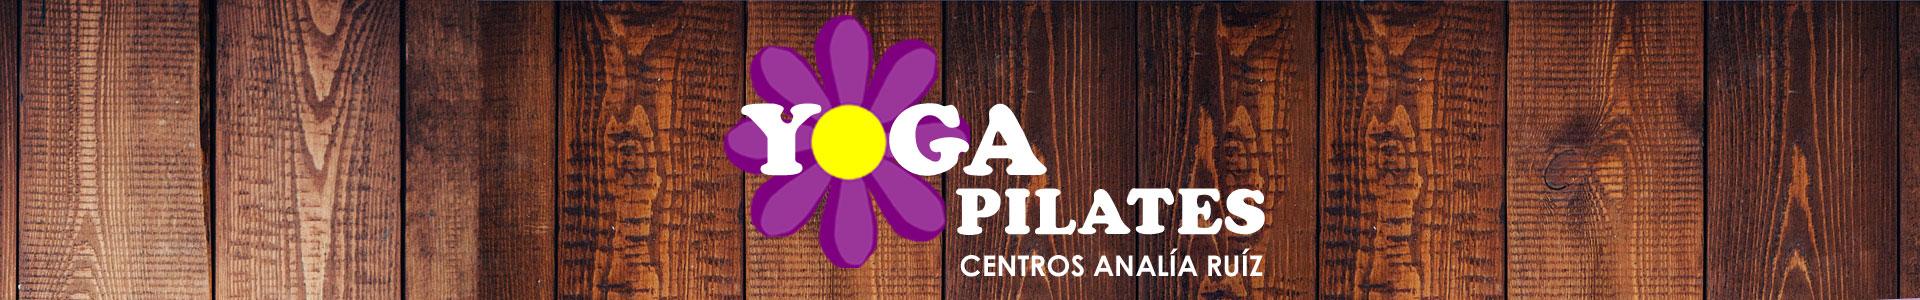 Centro de Yoga y Pilates en Guadarrama